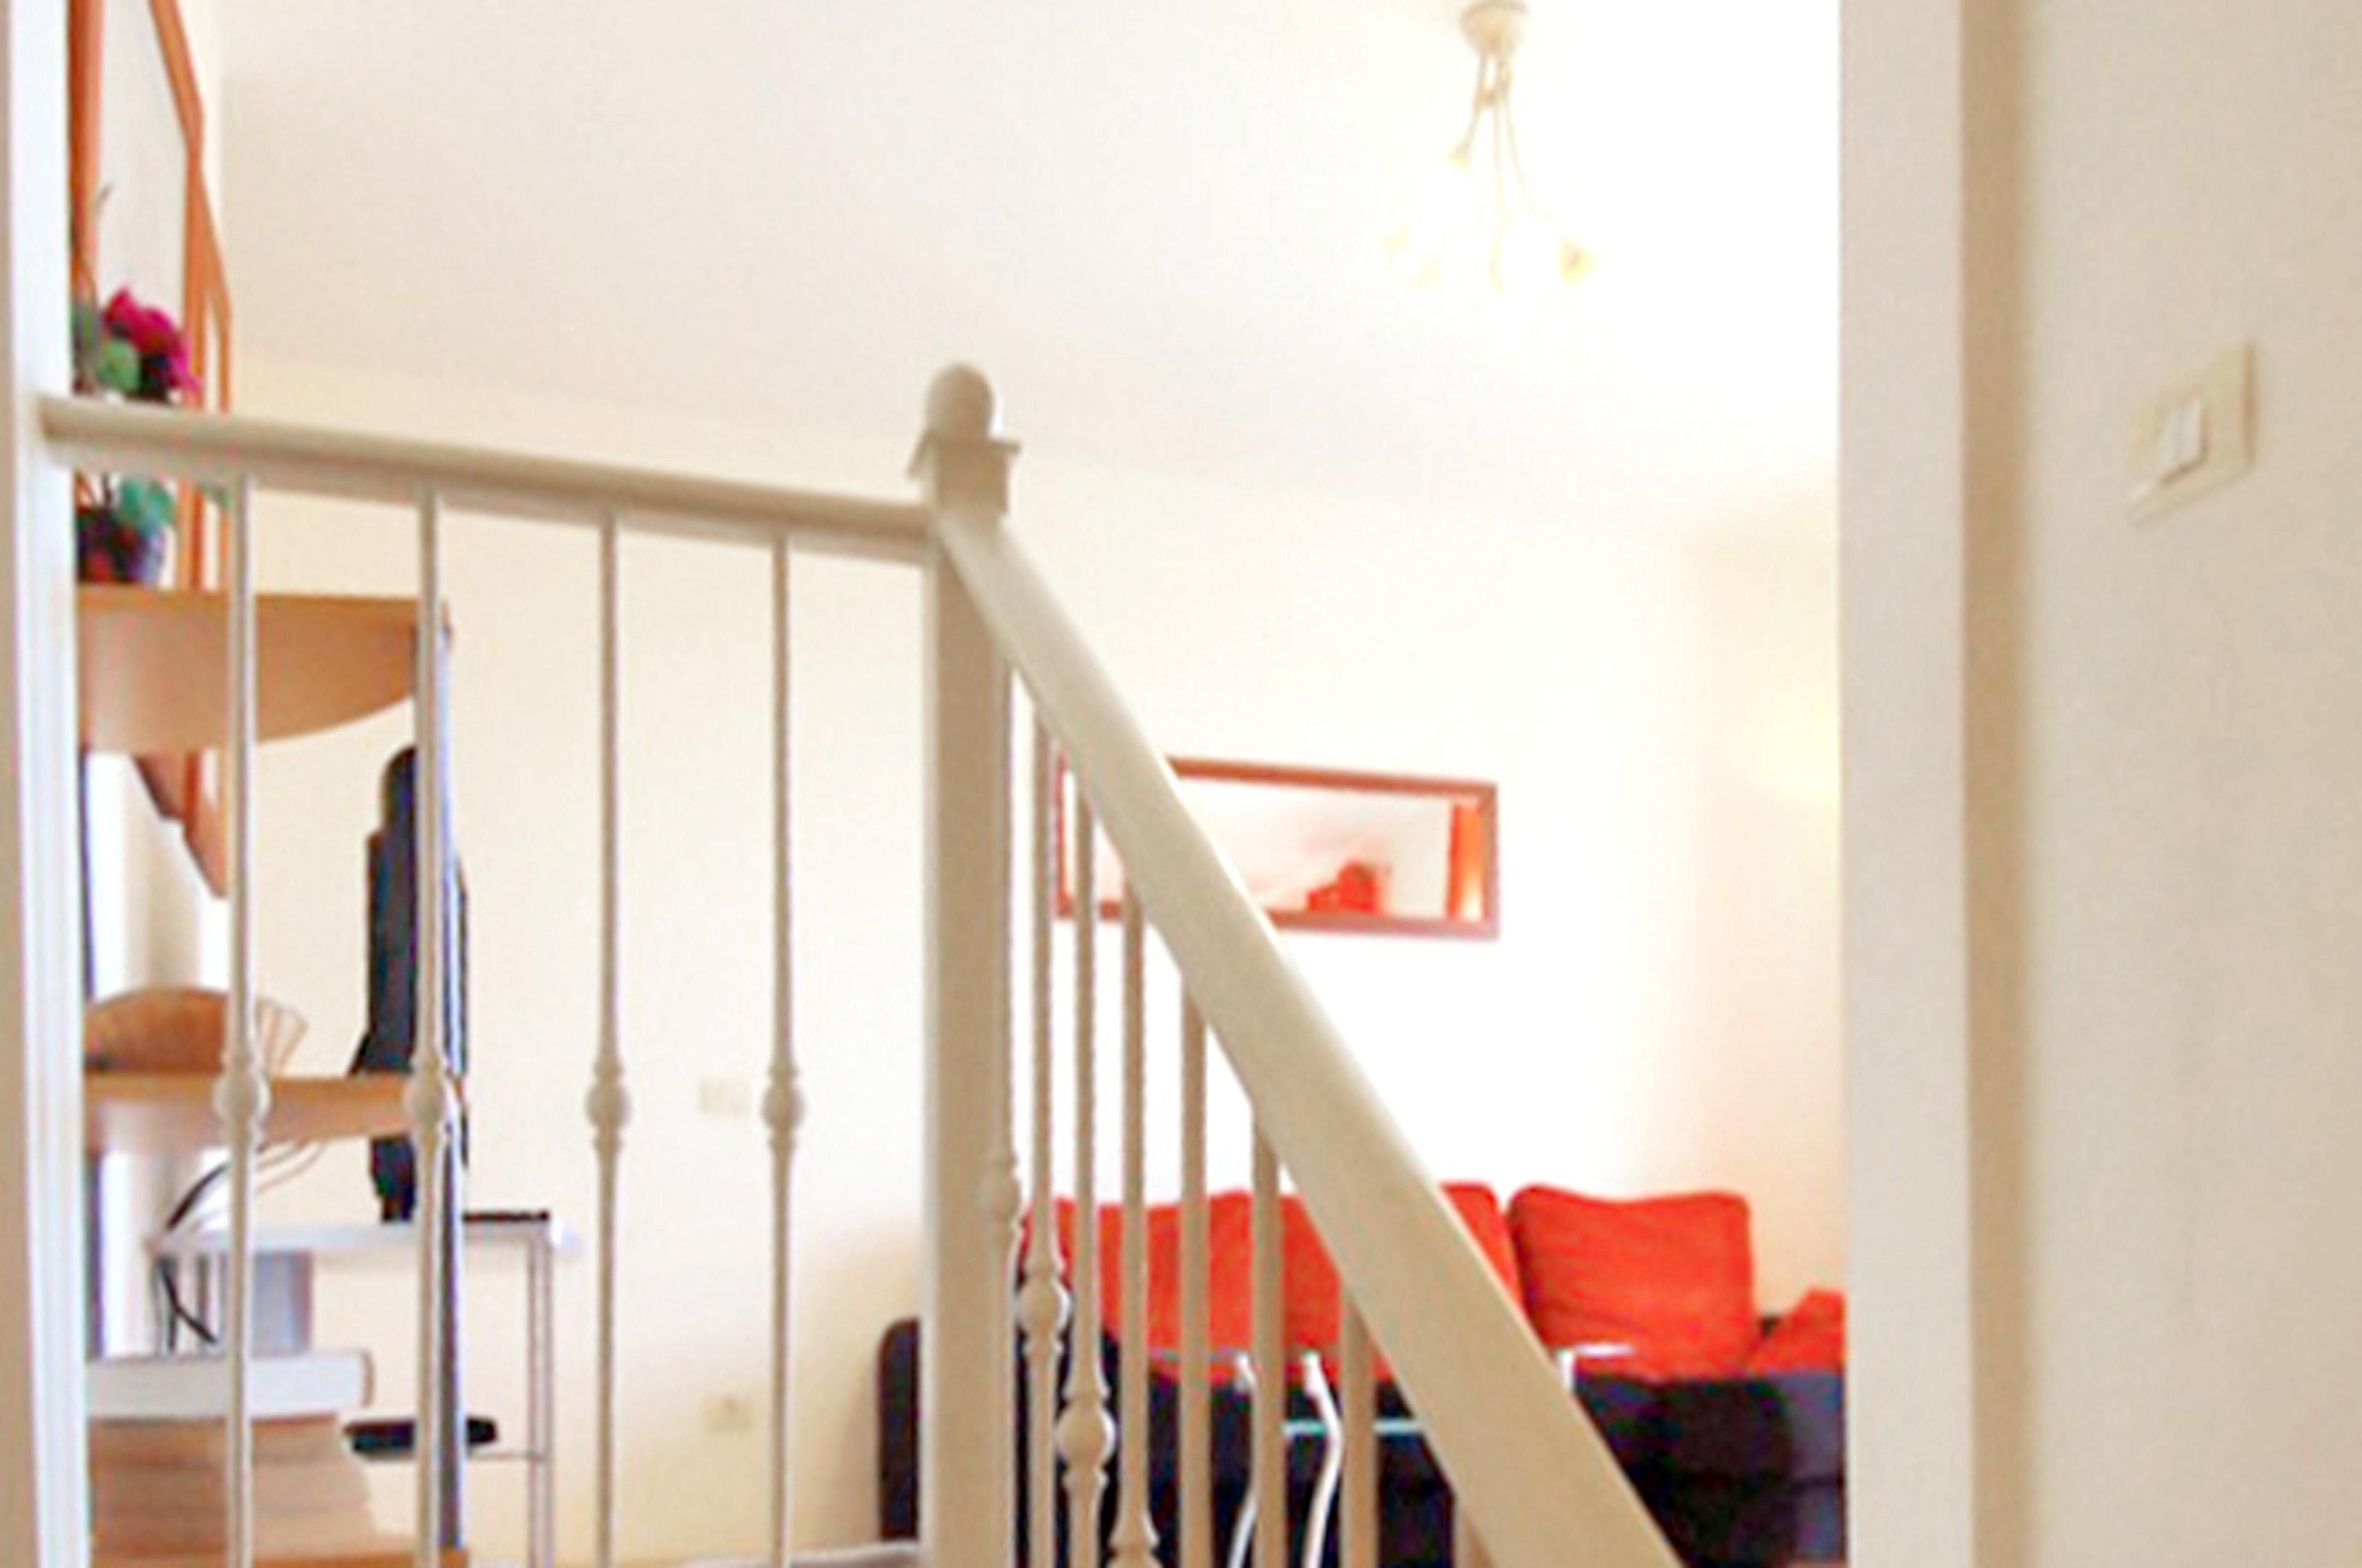 Appartement de vacances Wohnung mit 2 Schlafzimmern in Palm-Mar mit Pool, möblierter Terrasse und W-LAN - 800 m vo (2201692), Palm-Mar, Ténérife, Iles Canaries, Espagne, image 20